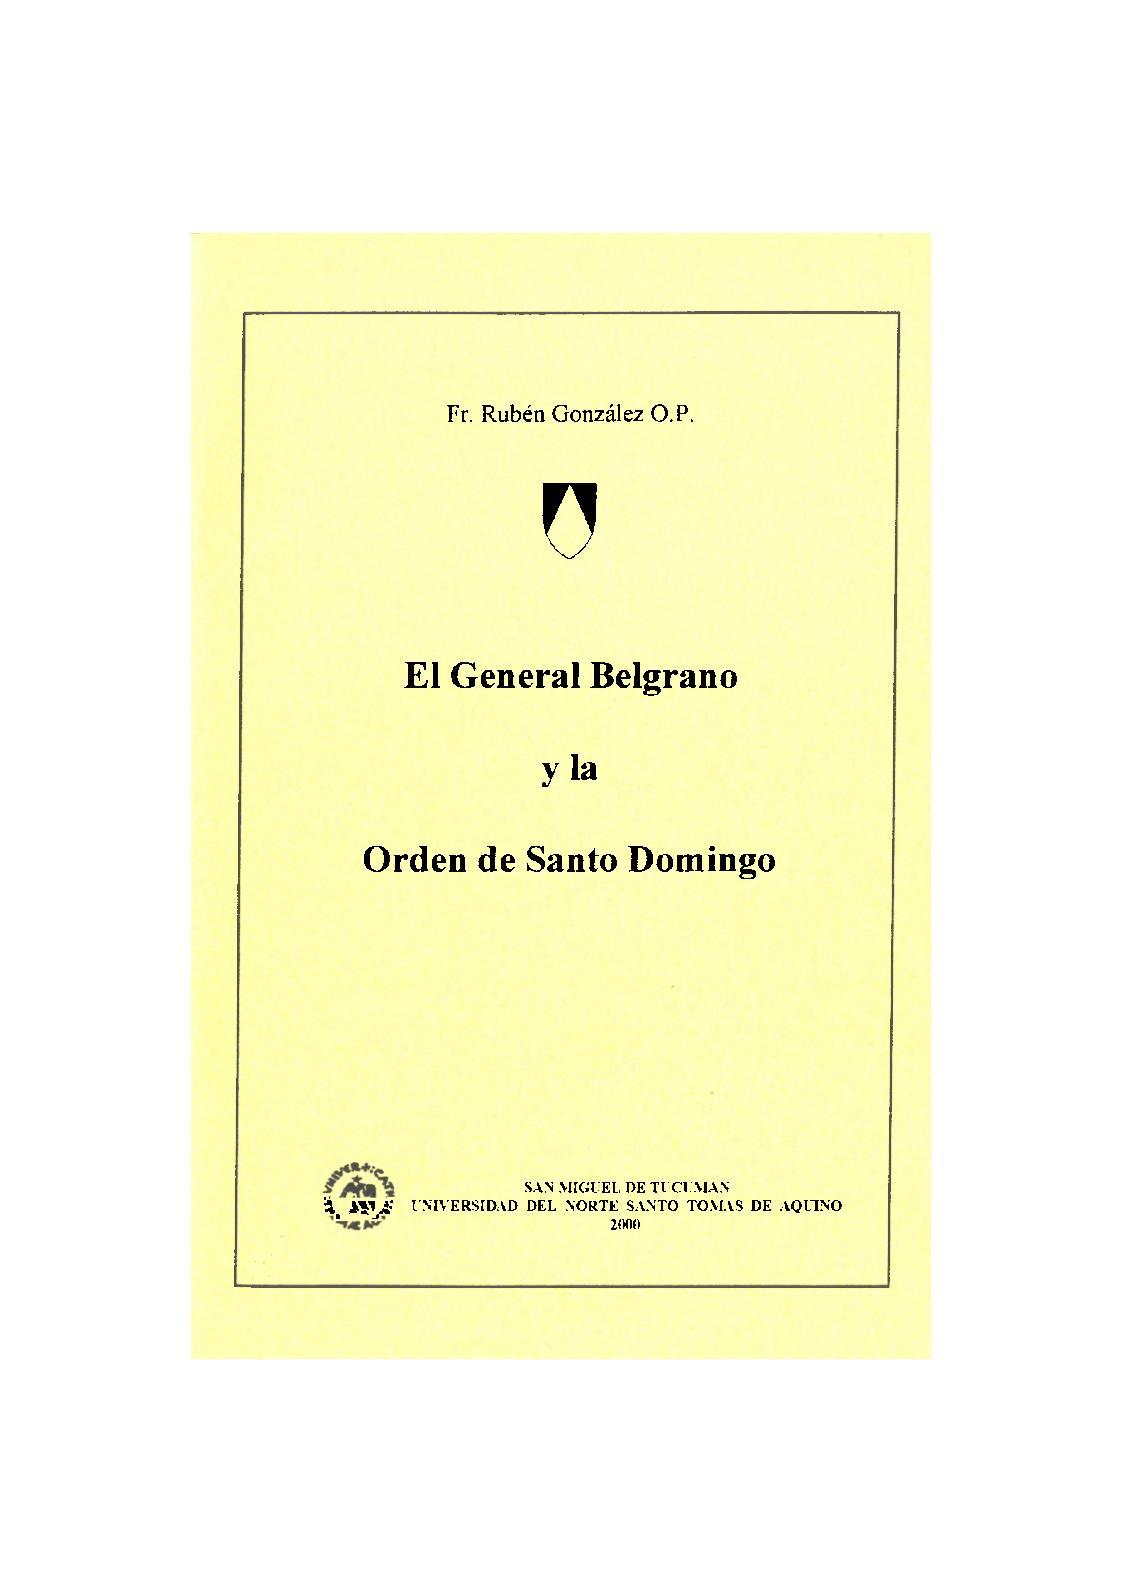 Calaméo - El General Belgrano Y La Orden De Santo Domingo, Fr Rubén Gozález  Op